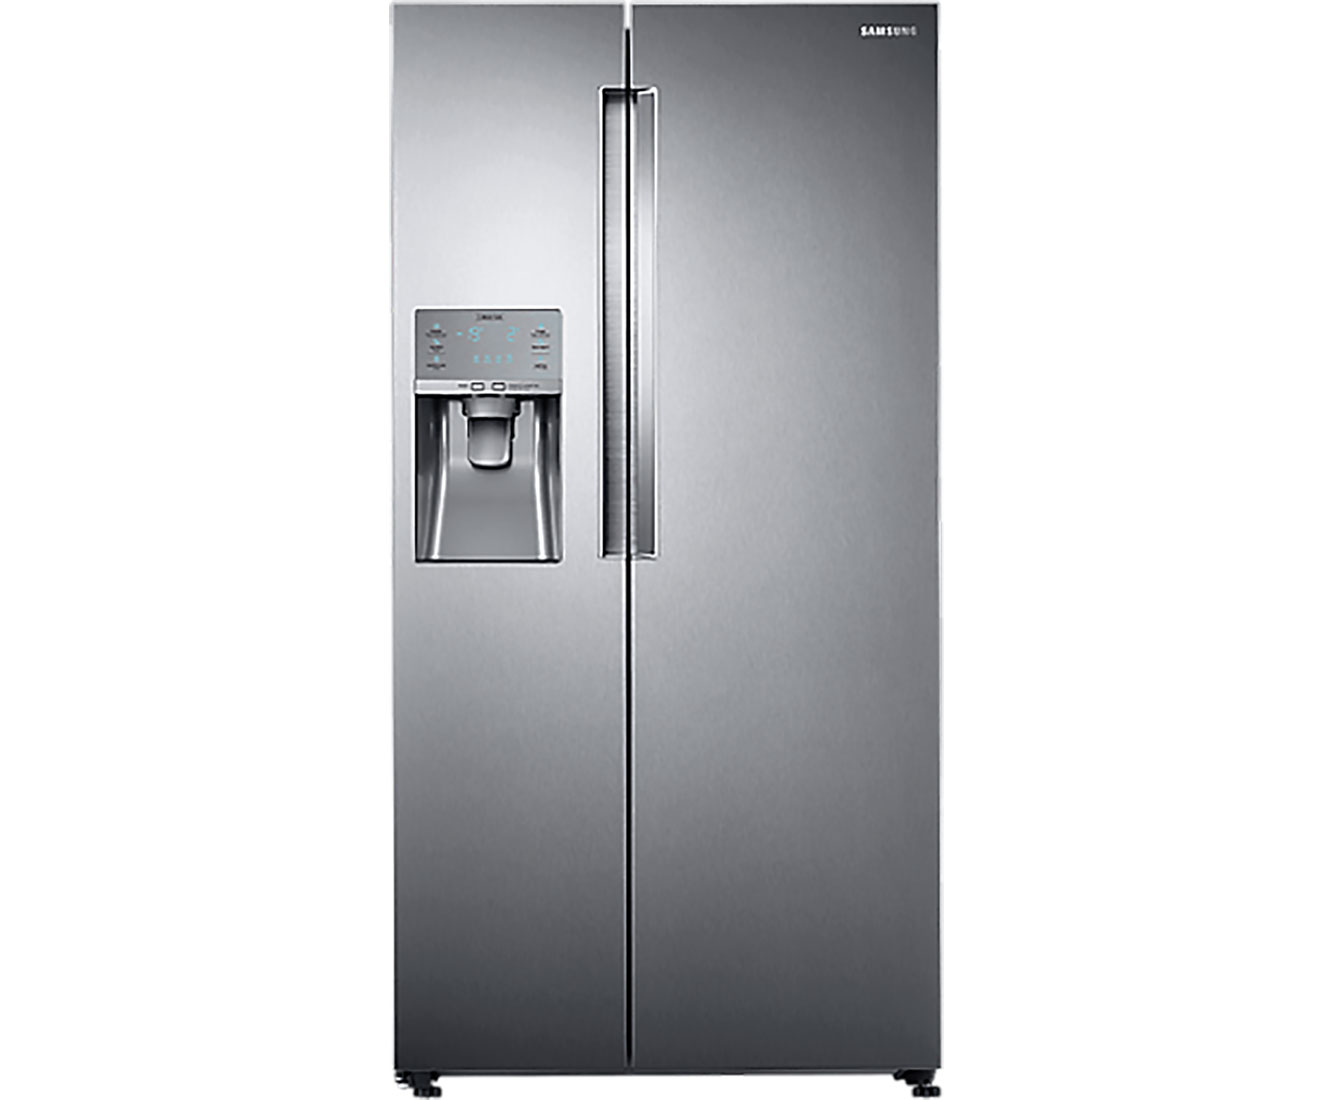 Amerikanischer Kühlschrank Bilder : Kühlschrank cm kühlschränke kombis